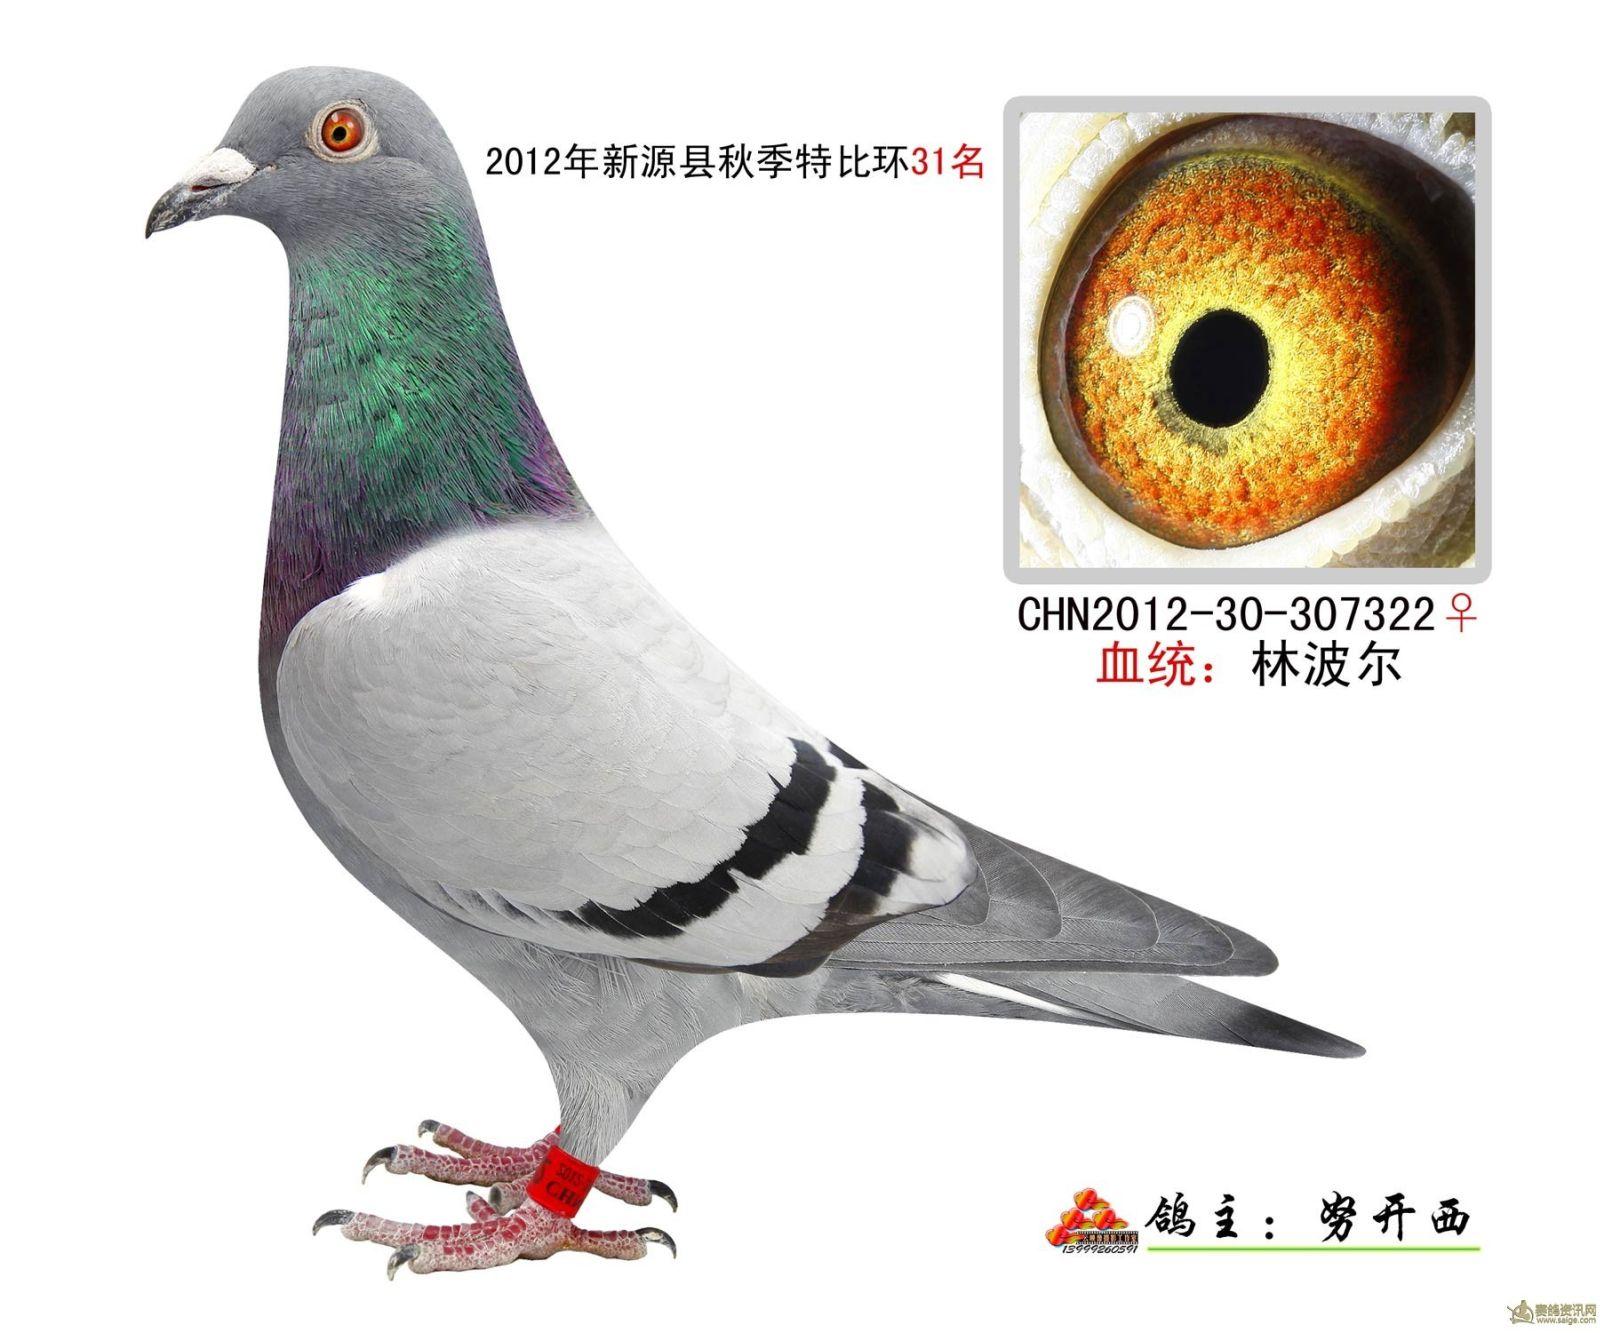 新疆新源县信鸽协会